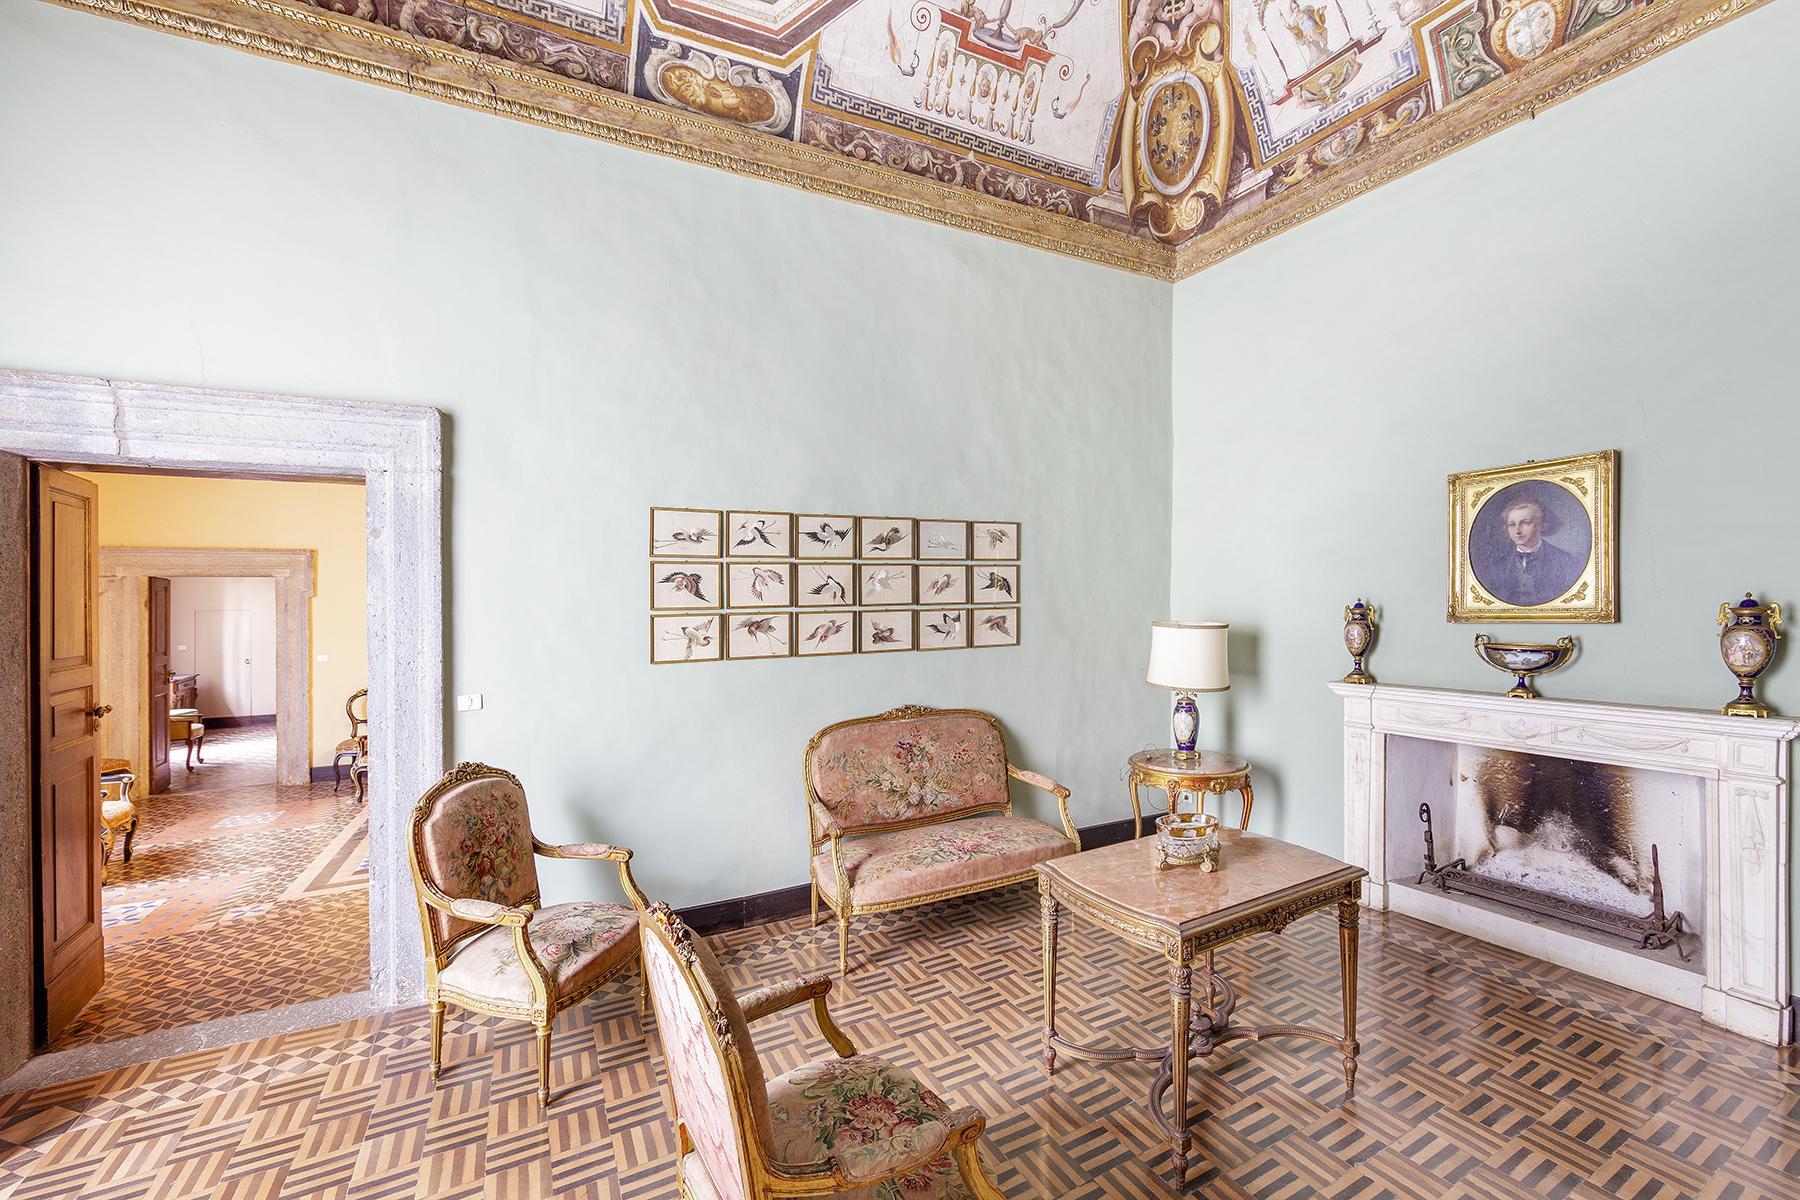 Прекрасный дворец в стиле Ренессанса - 8